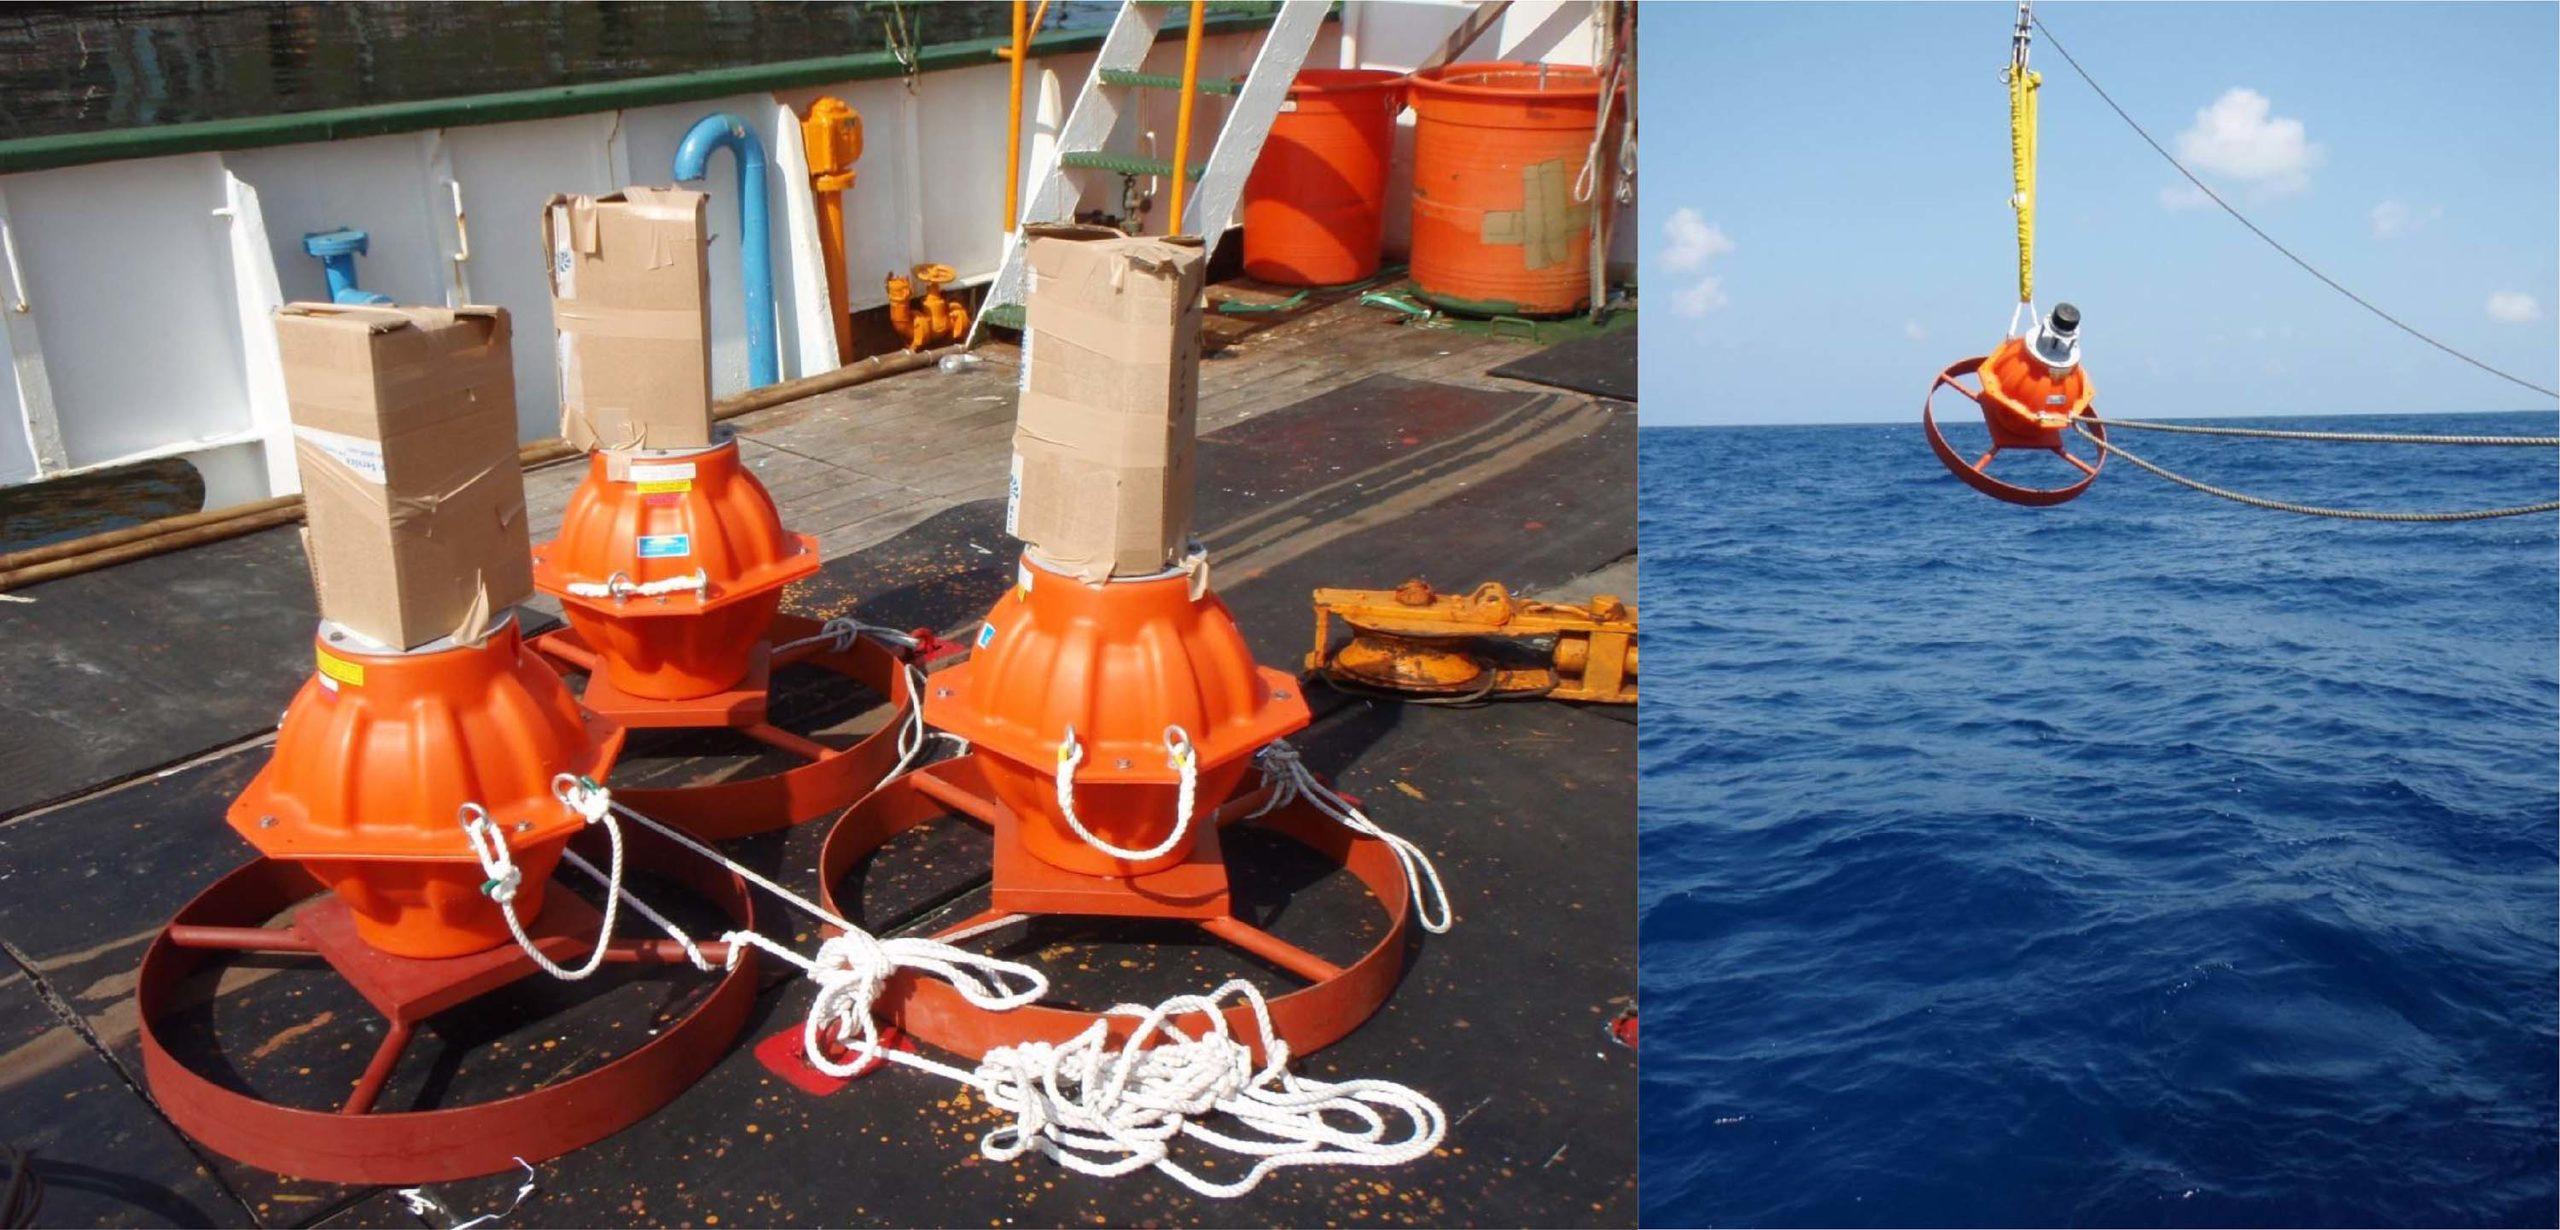 海床聲波回應器,將之放入海中。圖│許雅儒提供